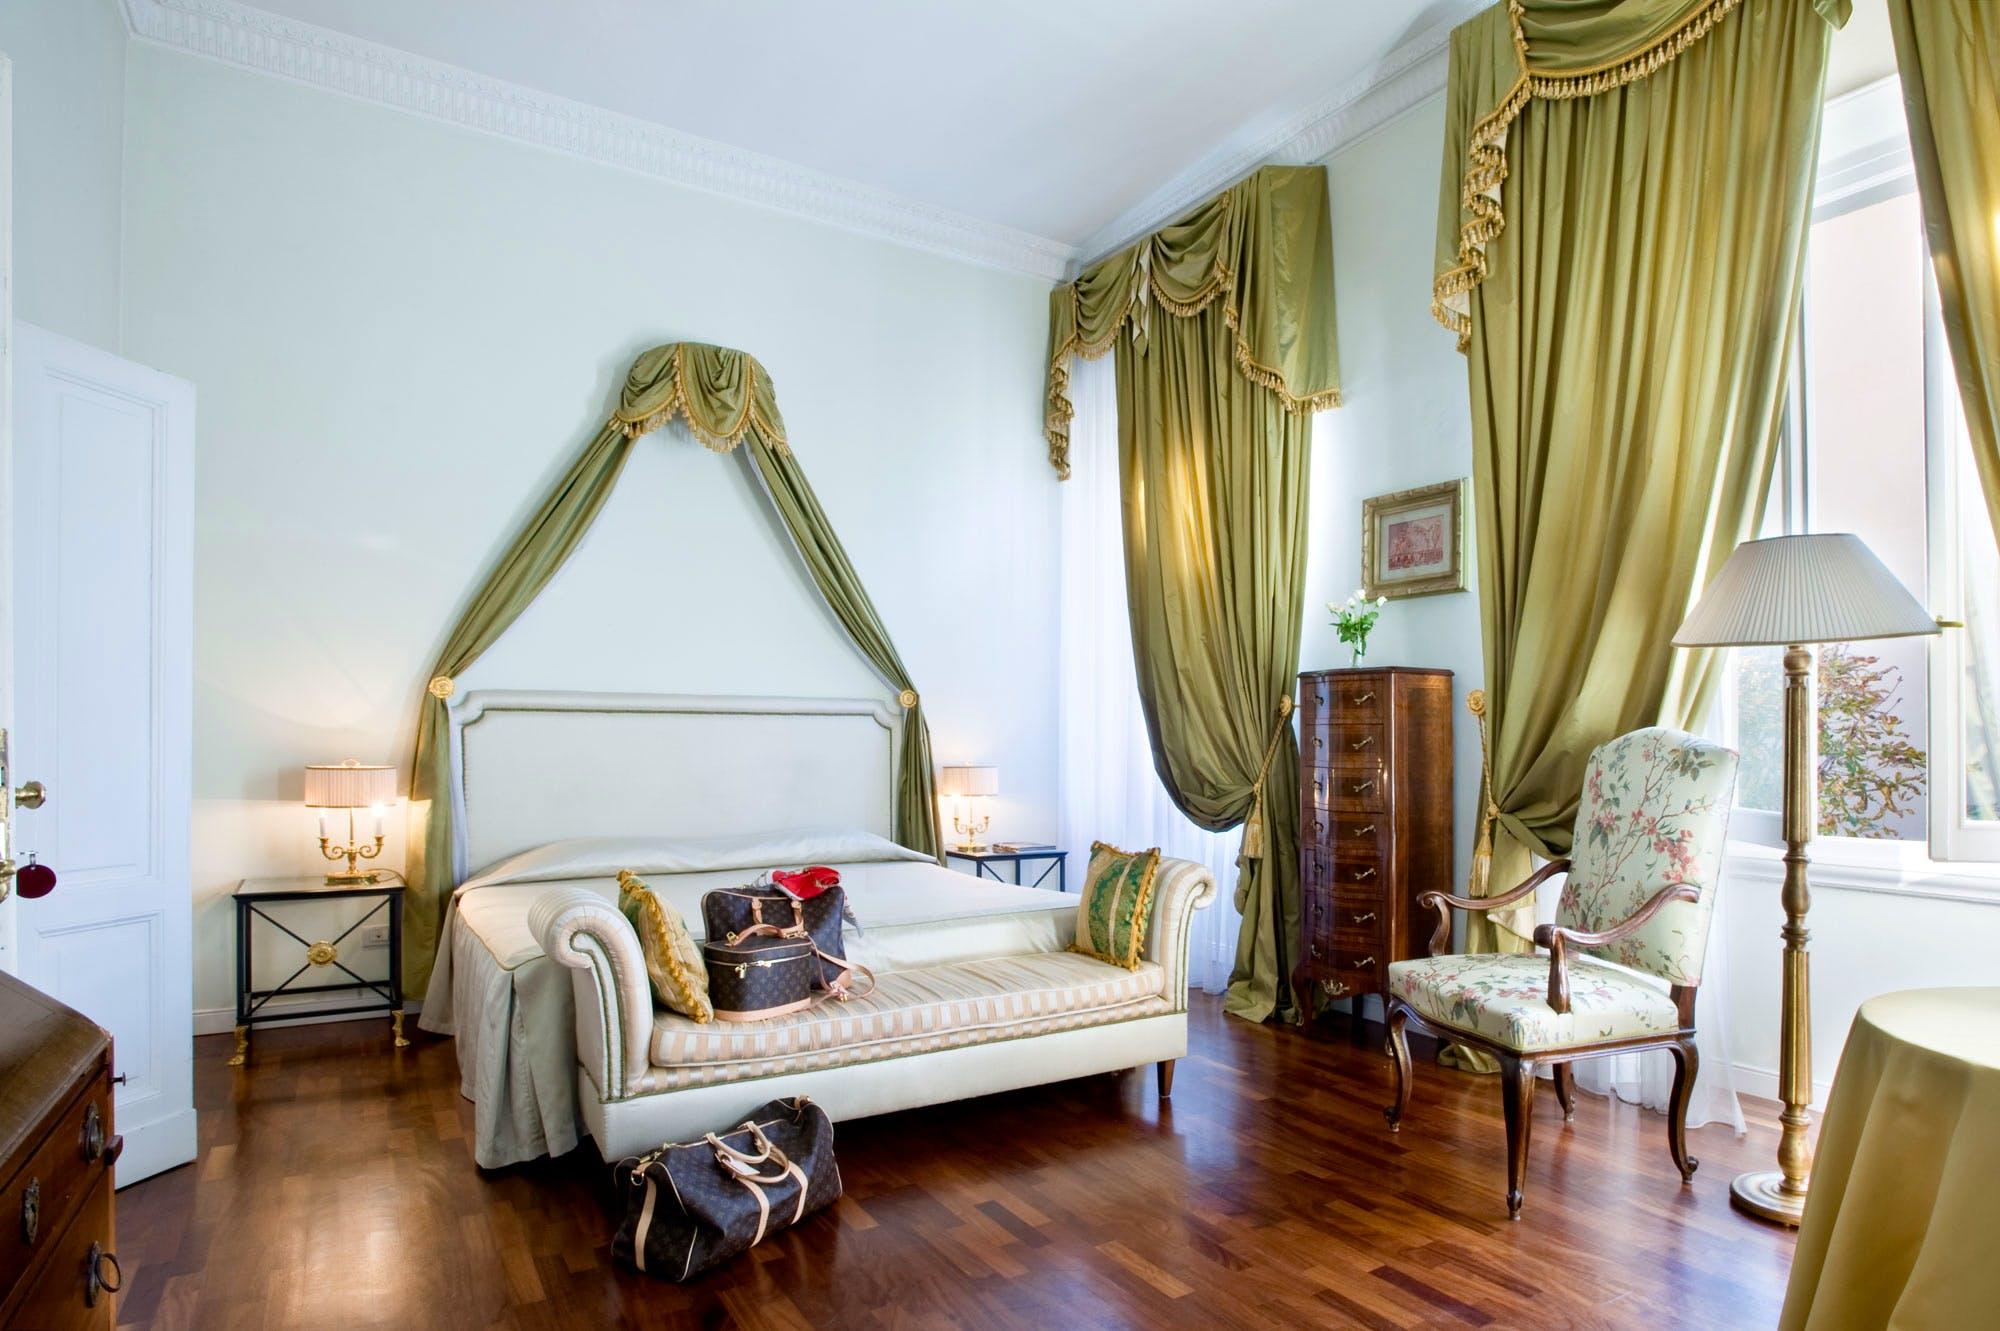 Soggiorno Romantico a Firenze: i Migliori Alloggi per una Vacanza ...